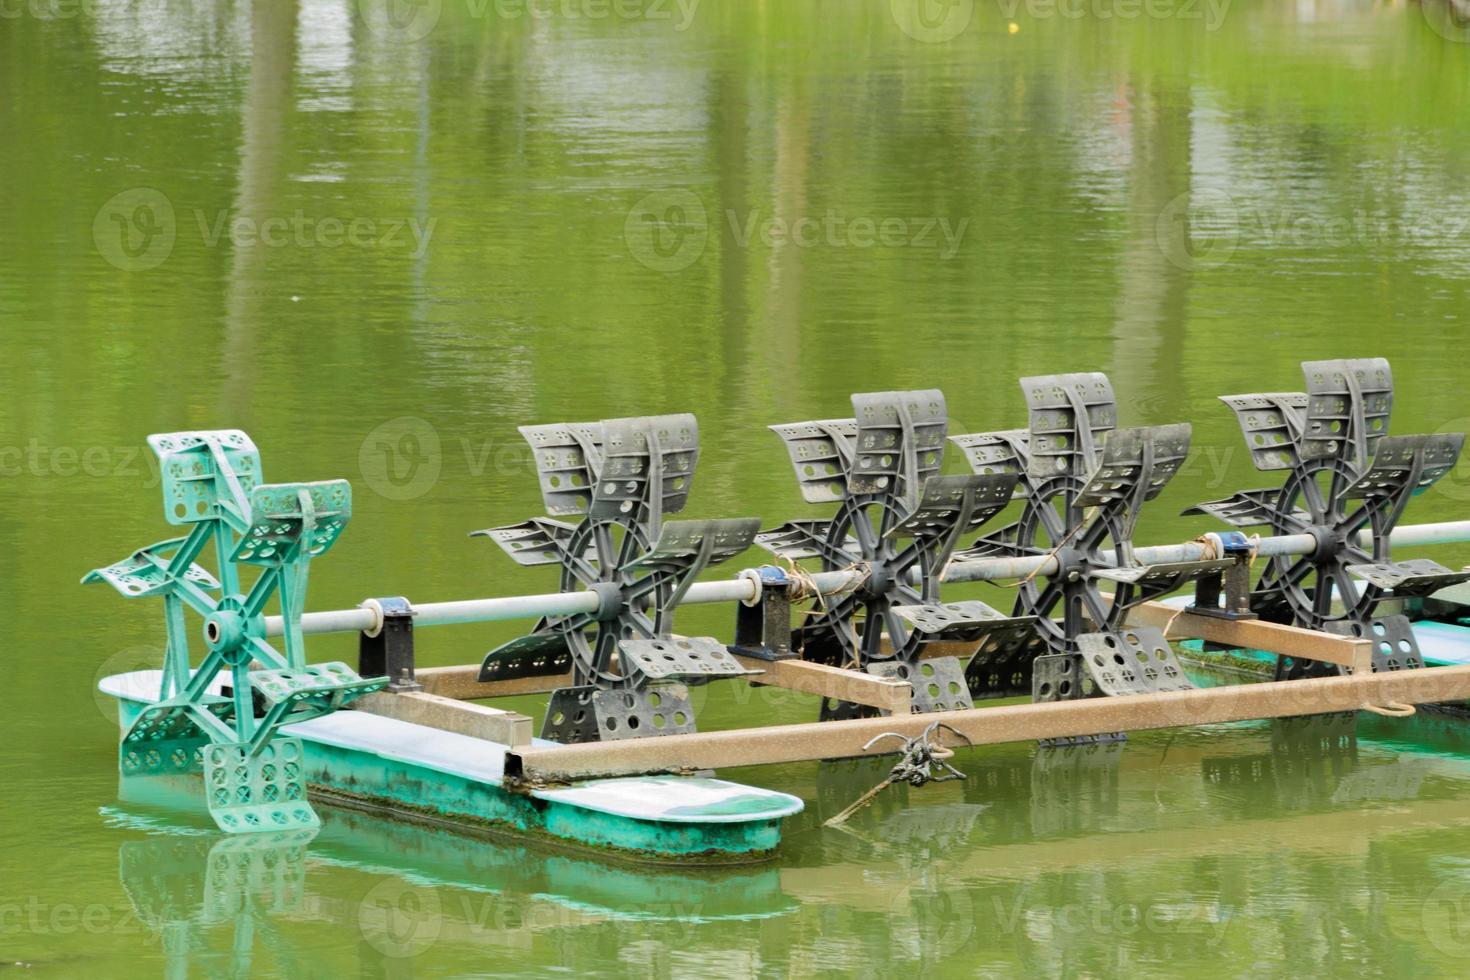 waterbehandeling turbine waterrad foto